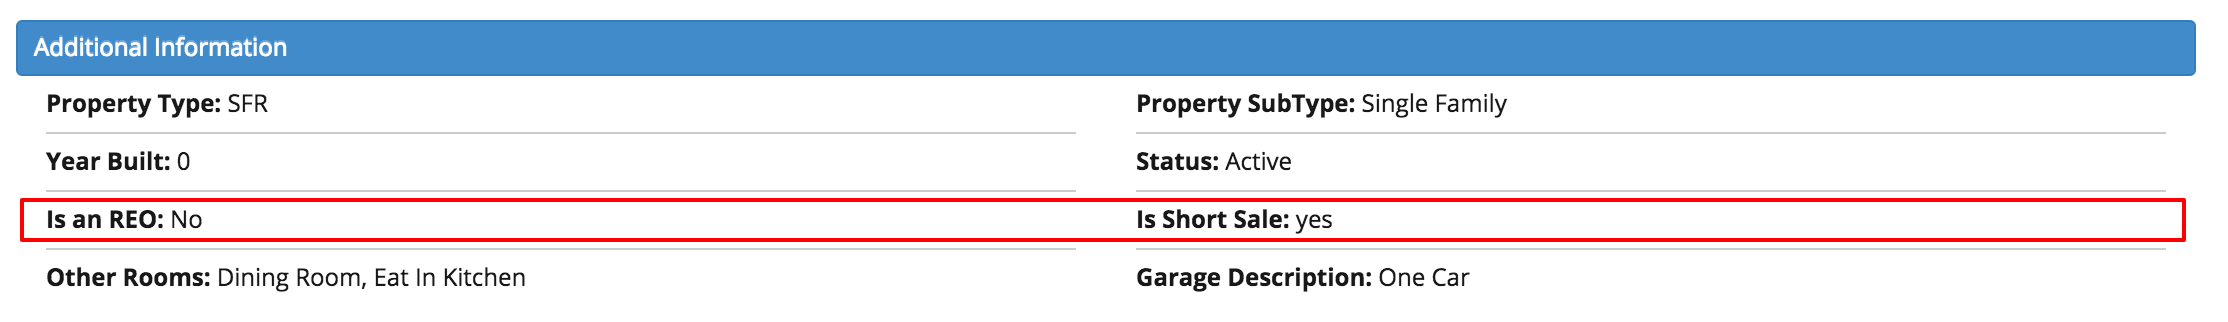 foreclsoure or short sale listing details information